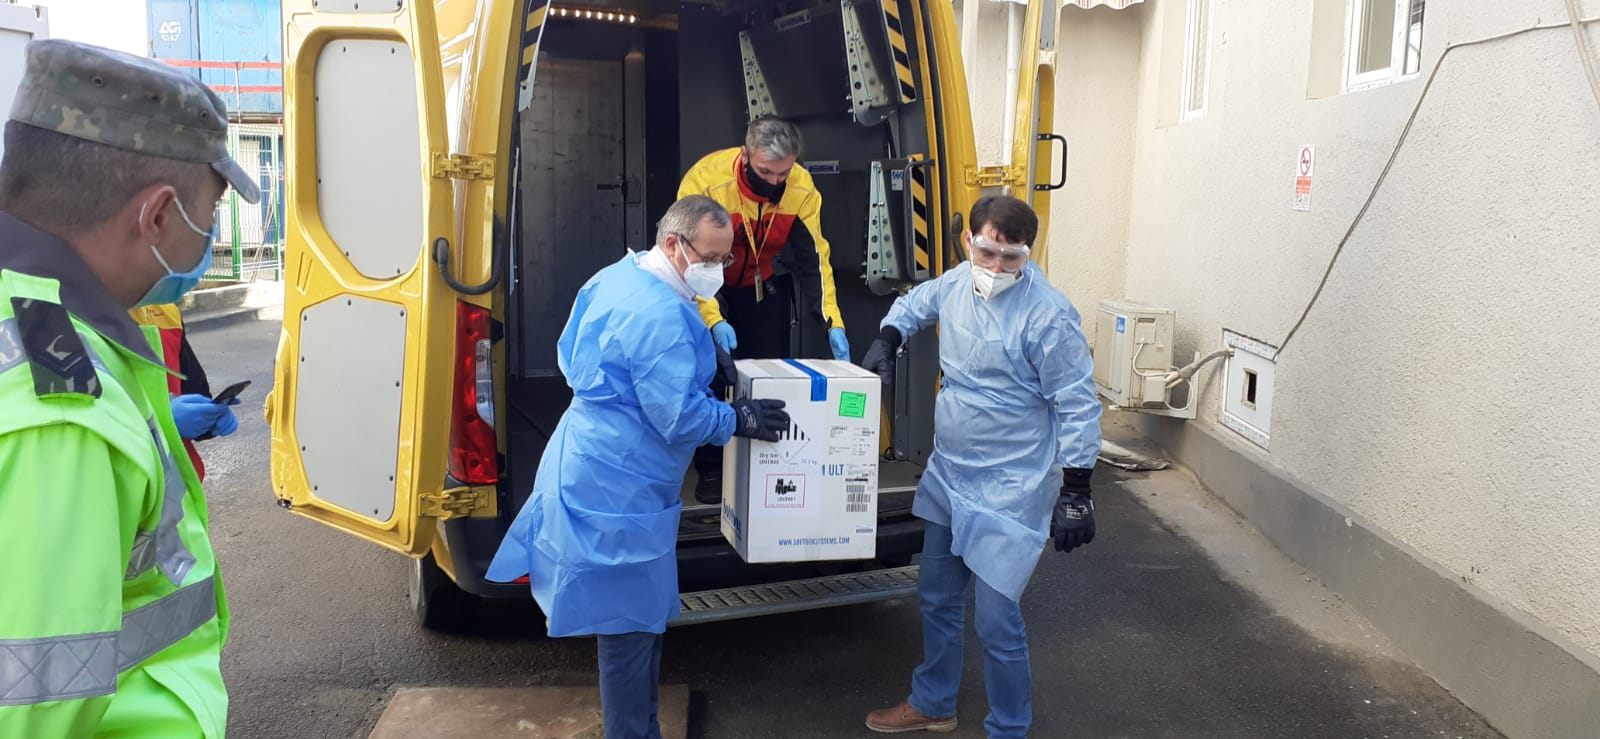 Prima tranșă de vaccin Moderna ajunge în România. Urmează distribuirea în centrele de vaccinare regionale